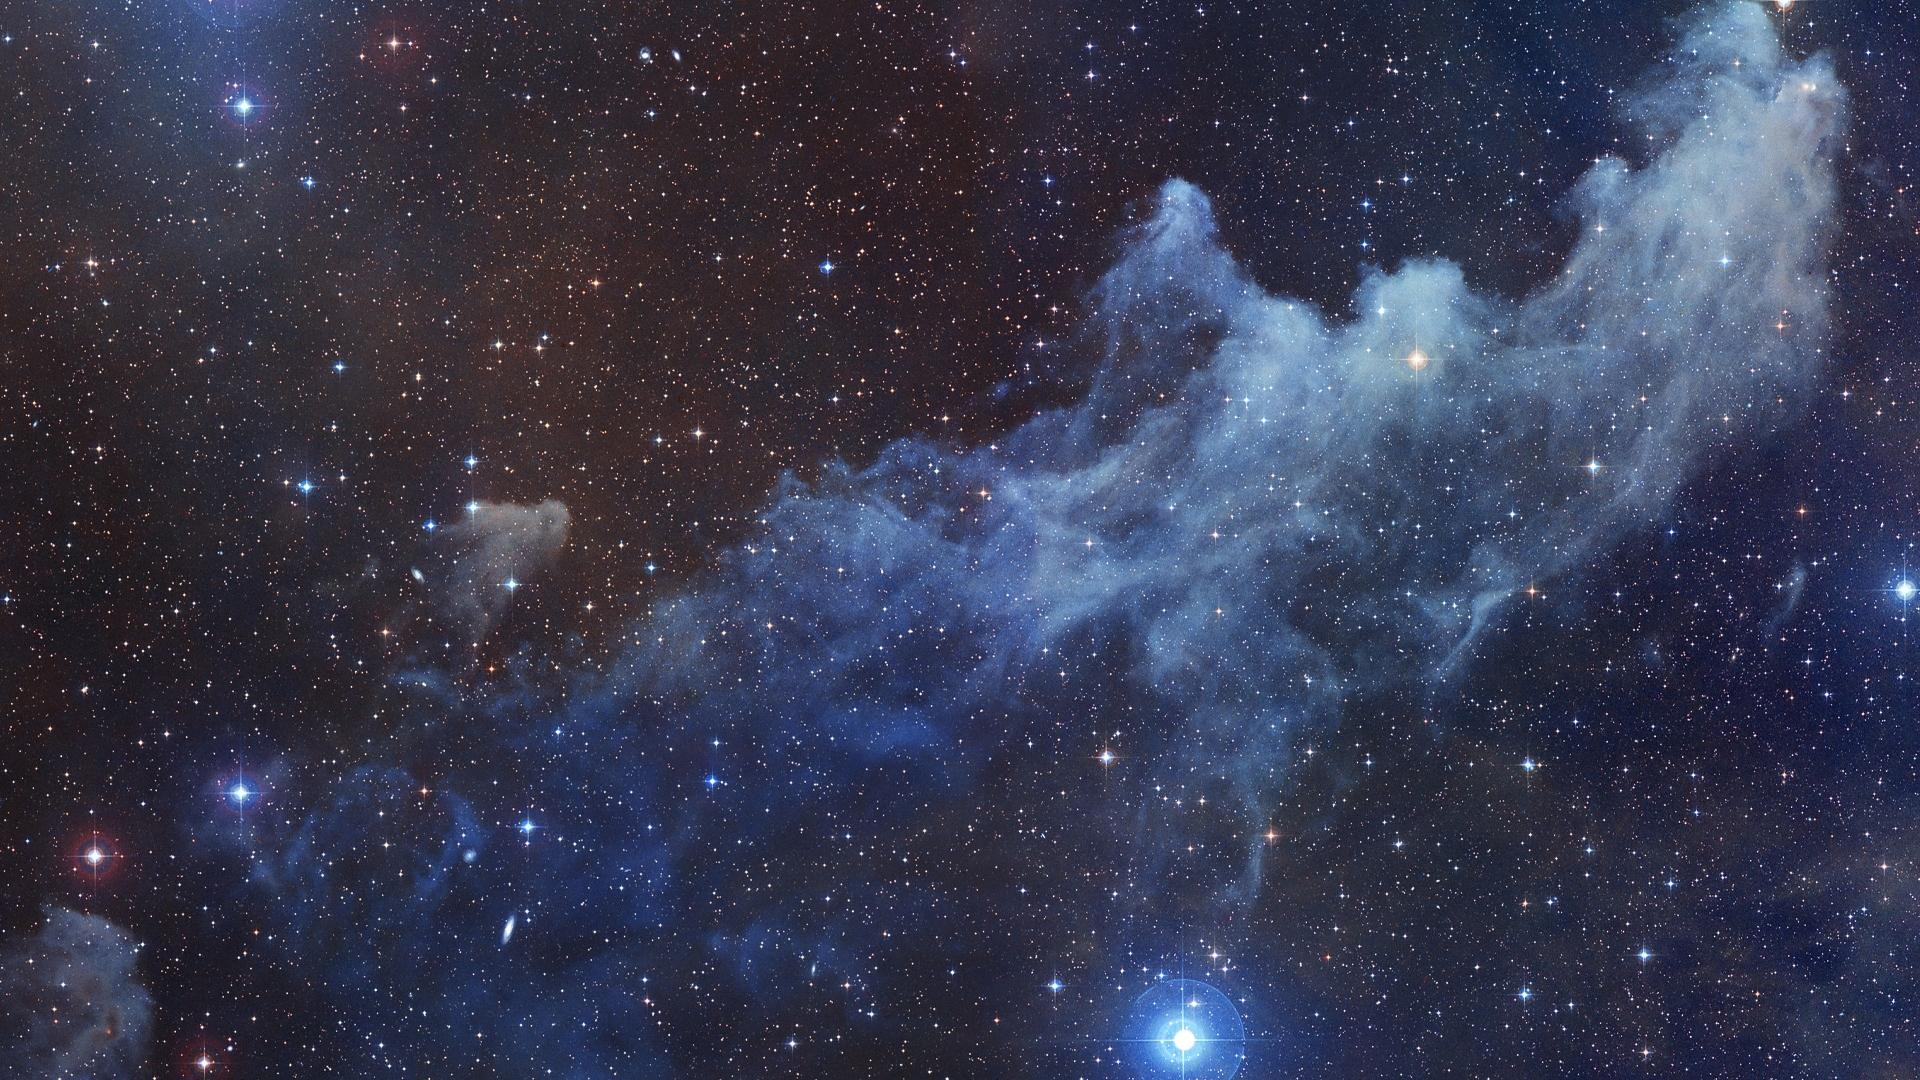 nebula 1920x1080 - photo #1